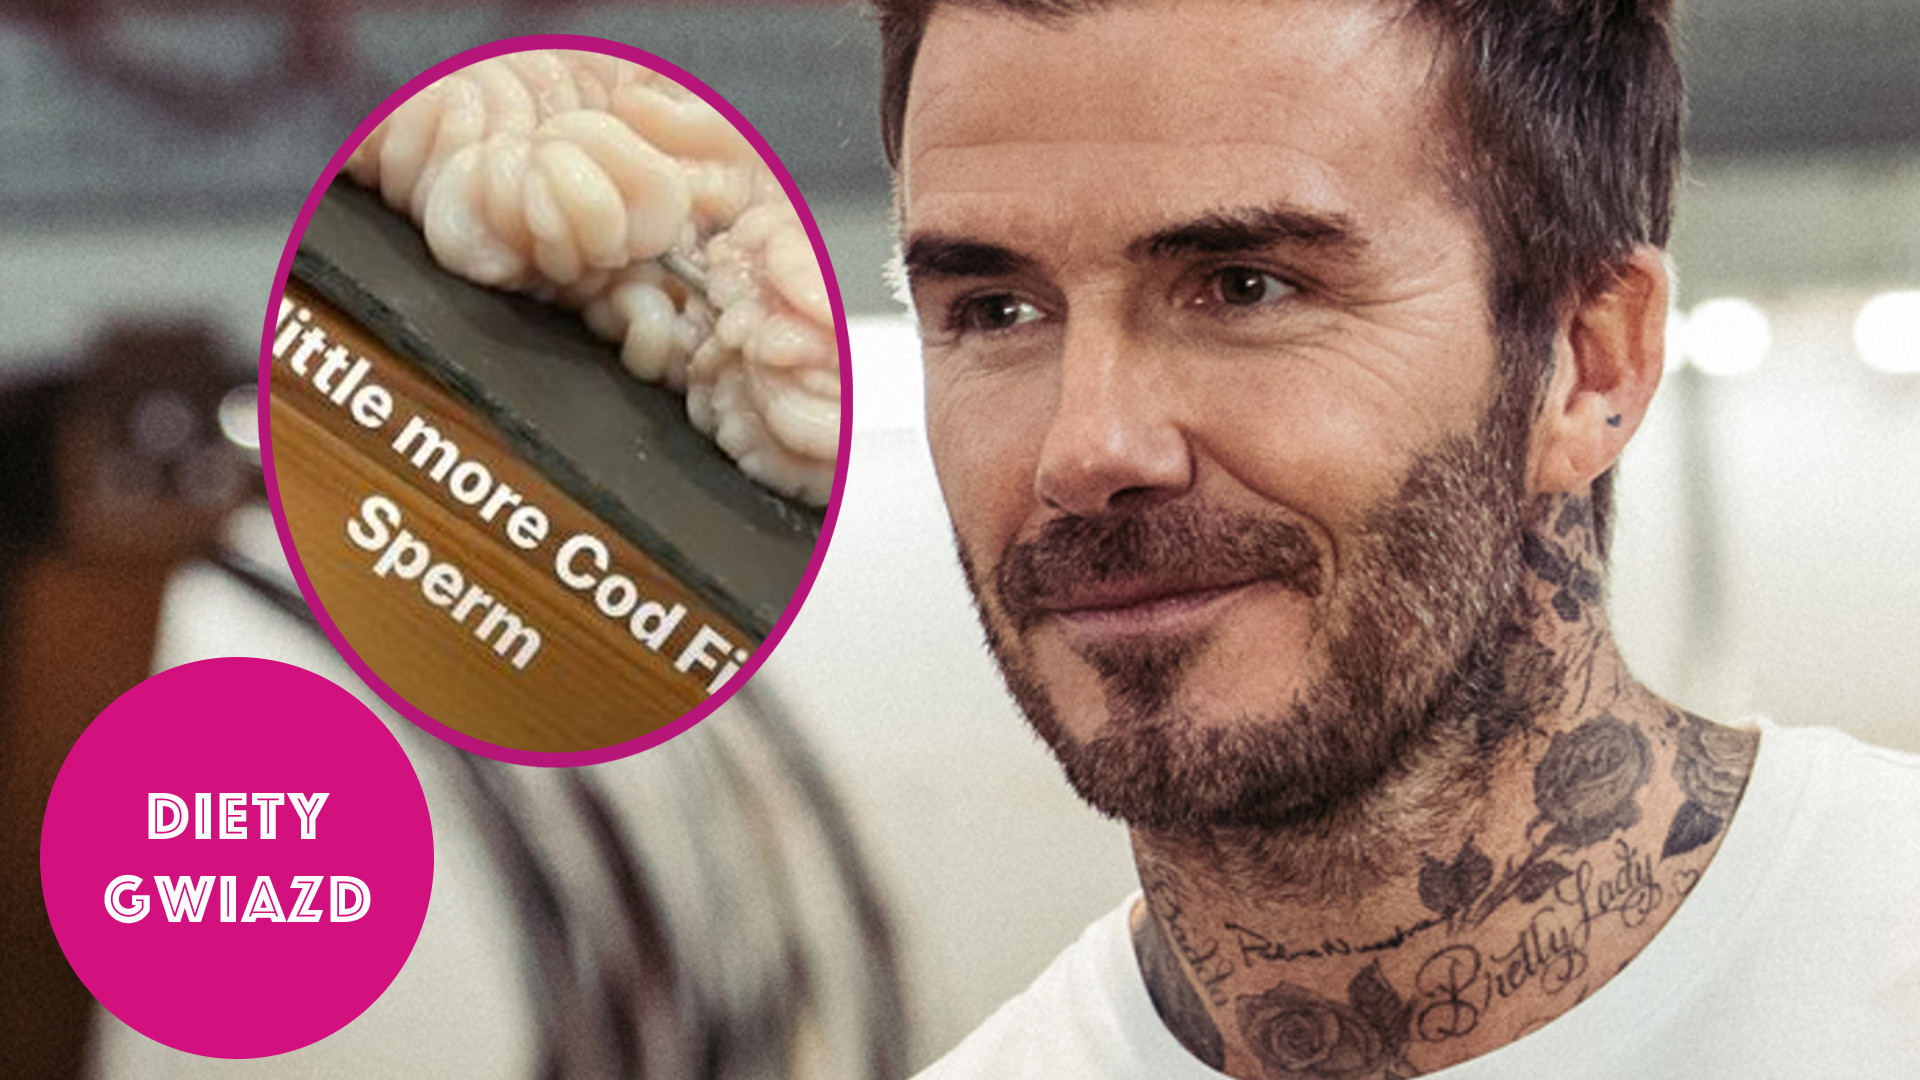 To wygląda obrzydliwie! Spójrzcie na talerz Davida Beckhama – wzięlibyście to do ust? [DIETY GWIAZD]